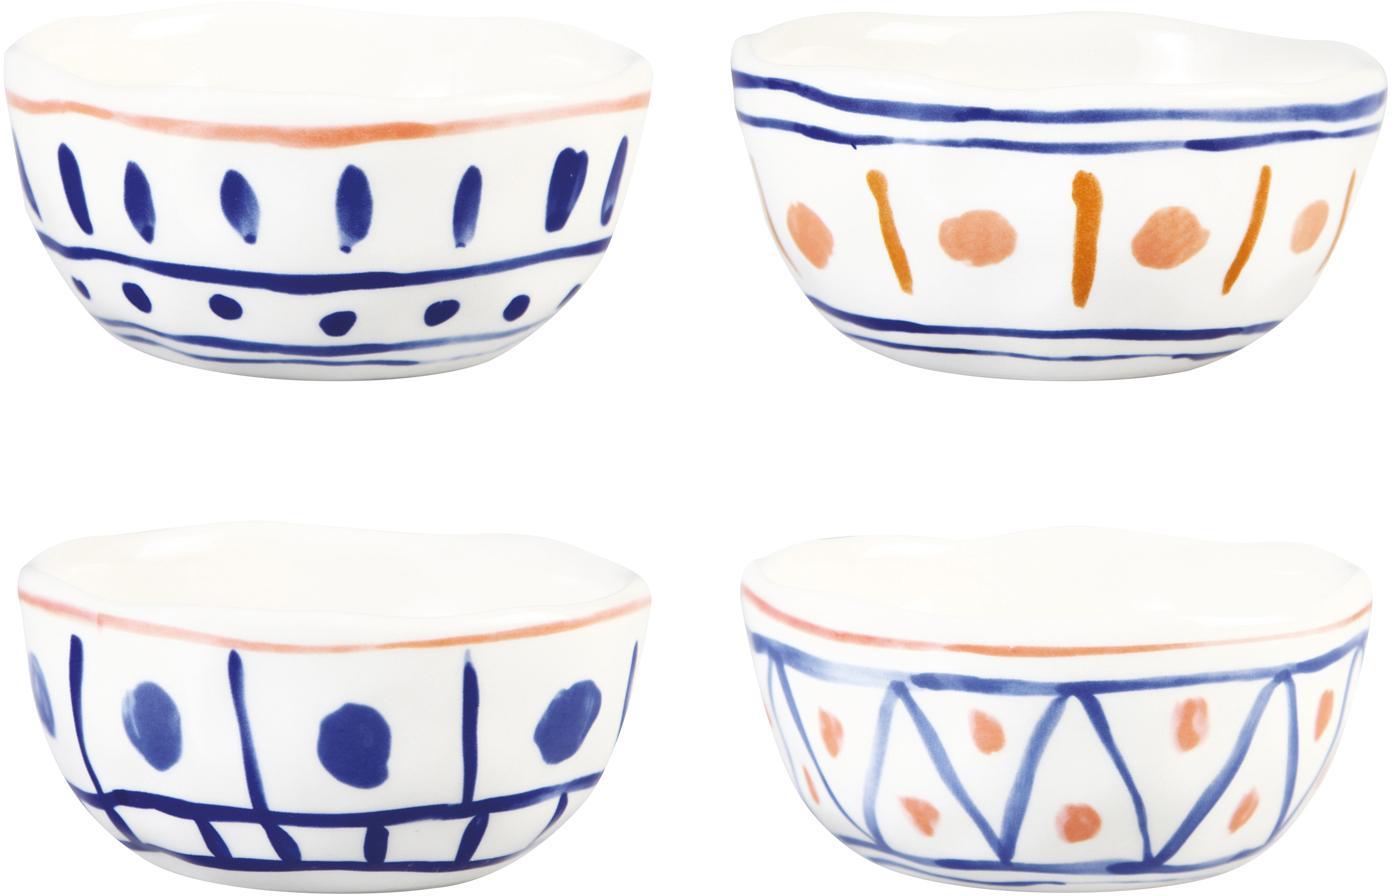 Bunt bemalte Schälchen Rafika im marokkanischen Design, 4er-Set, Steingut, Weiß, Blau, Orange, Gelb, Ø 11 cm